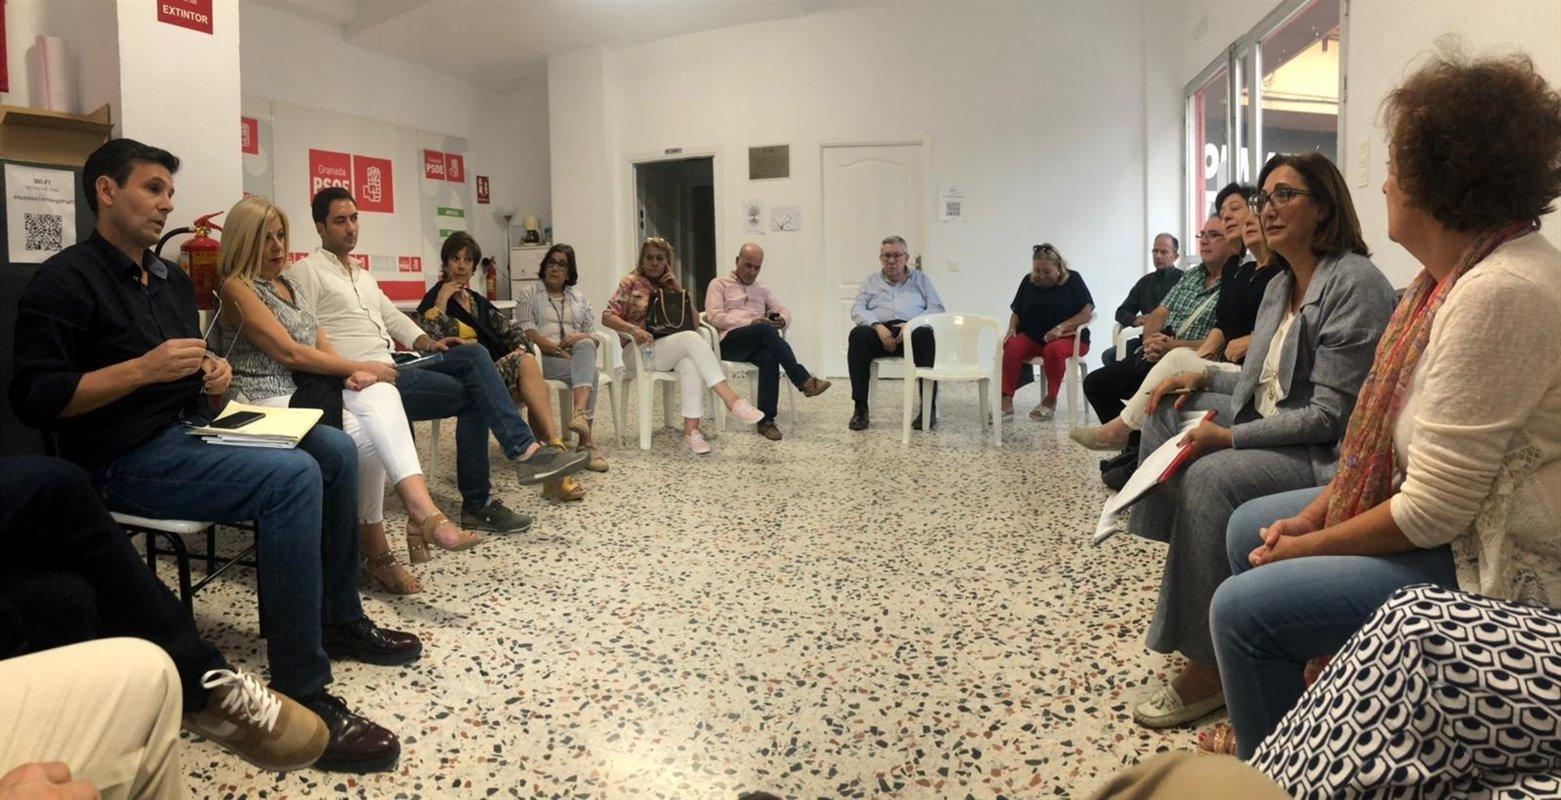 El PSOE impulsa acciones contra el «cierre» del centro de salud de Mirasierra